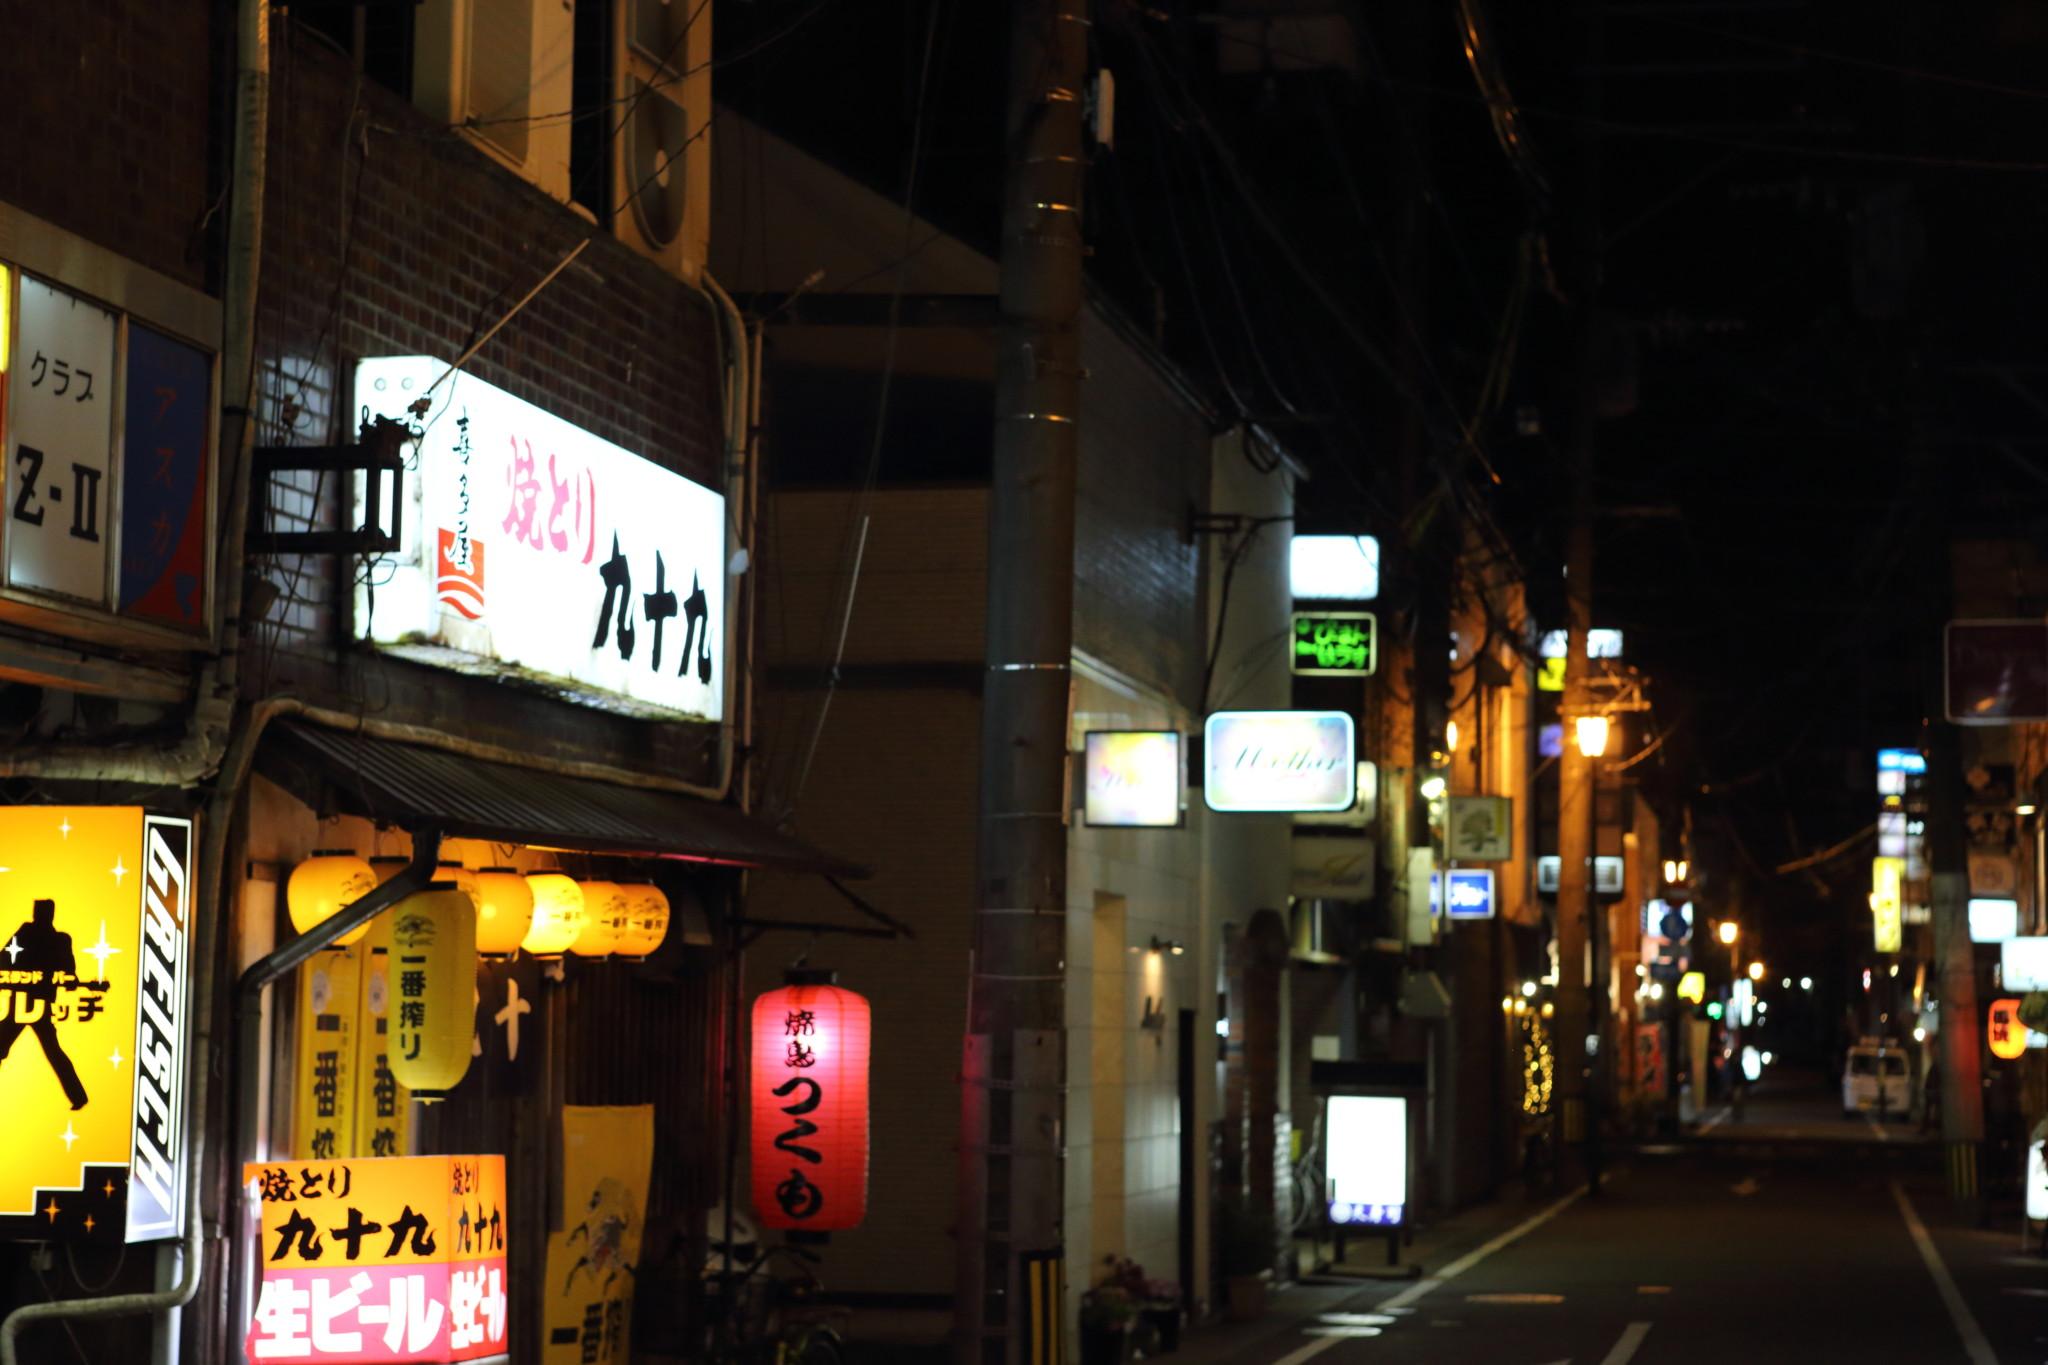 久留米,文化街,焼き鳥,暴君,日本酒,屋台